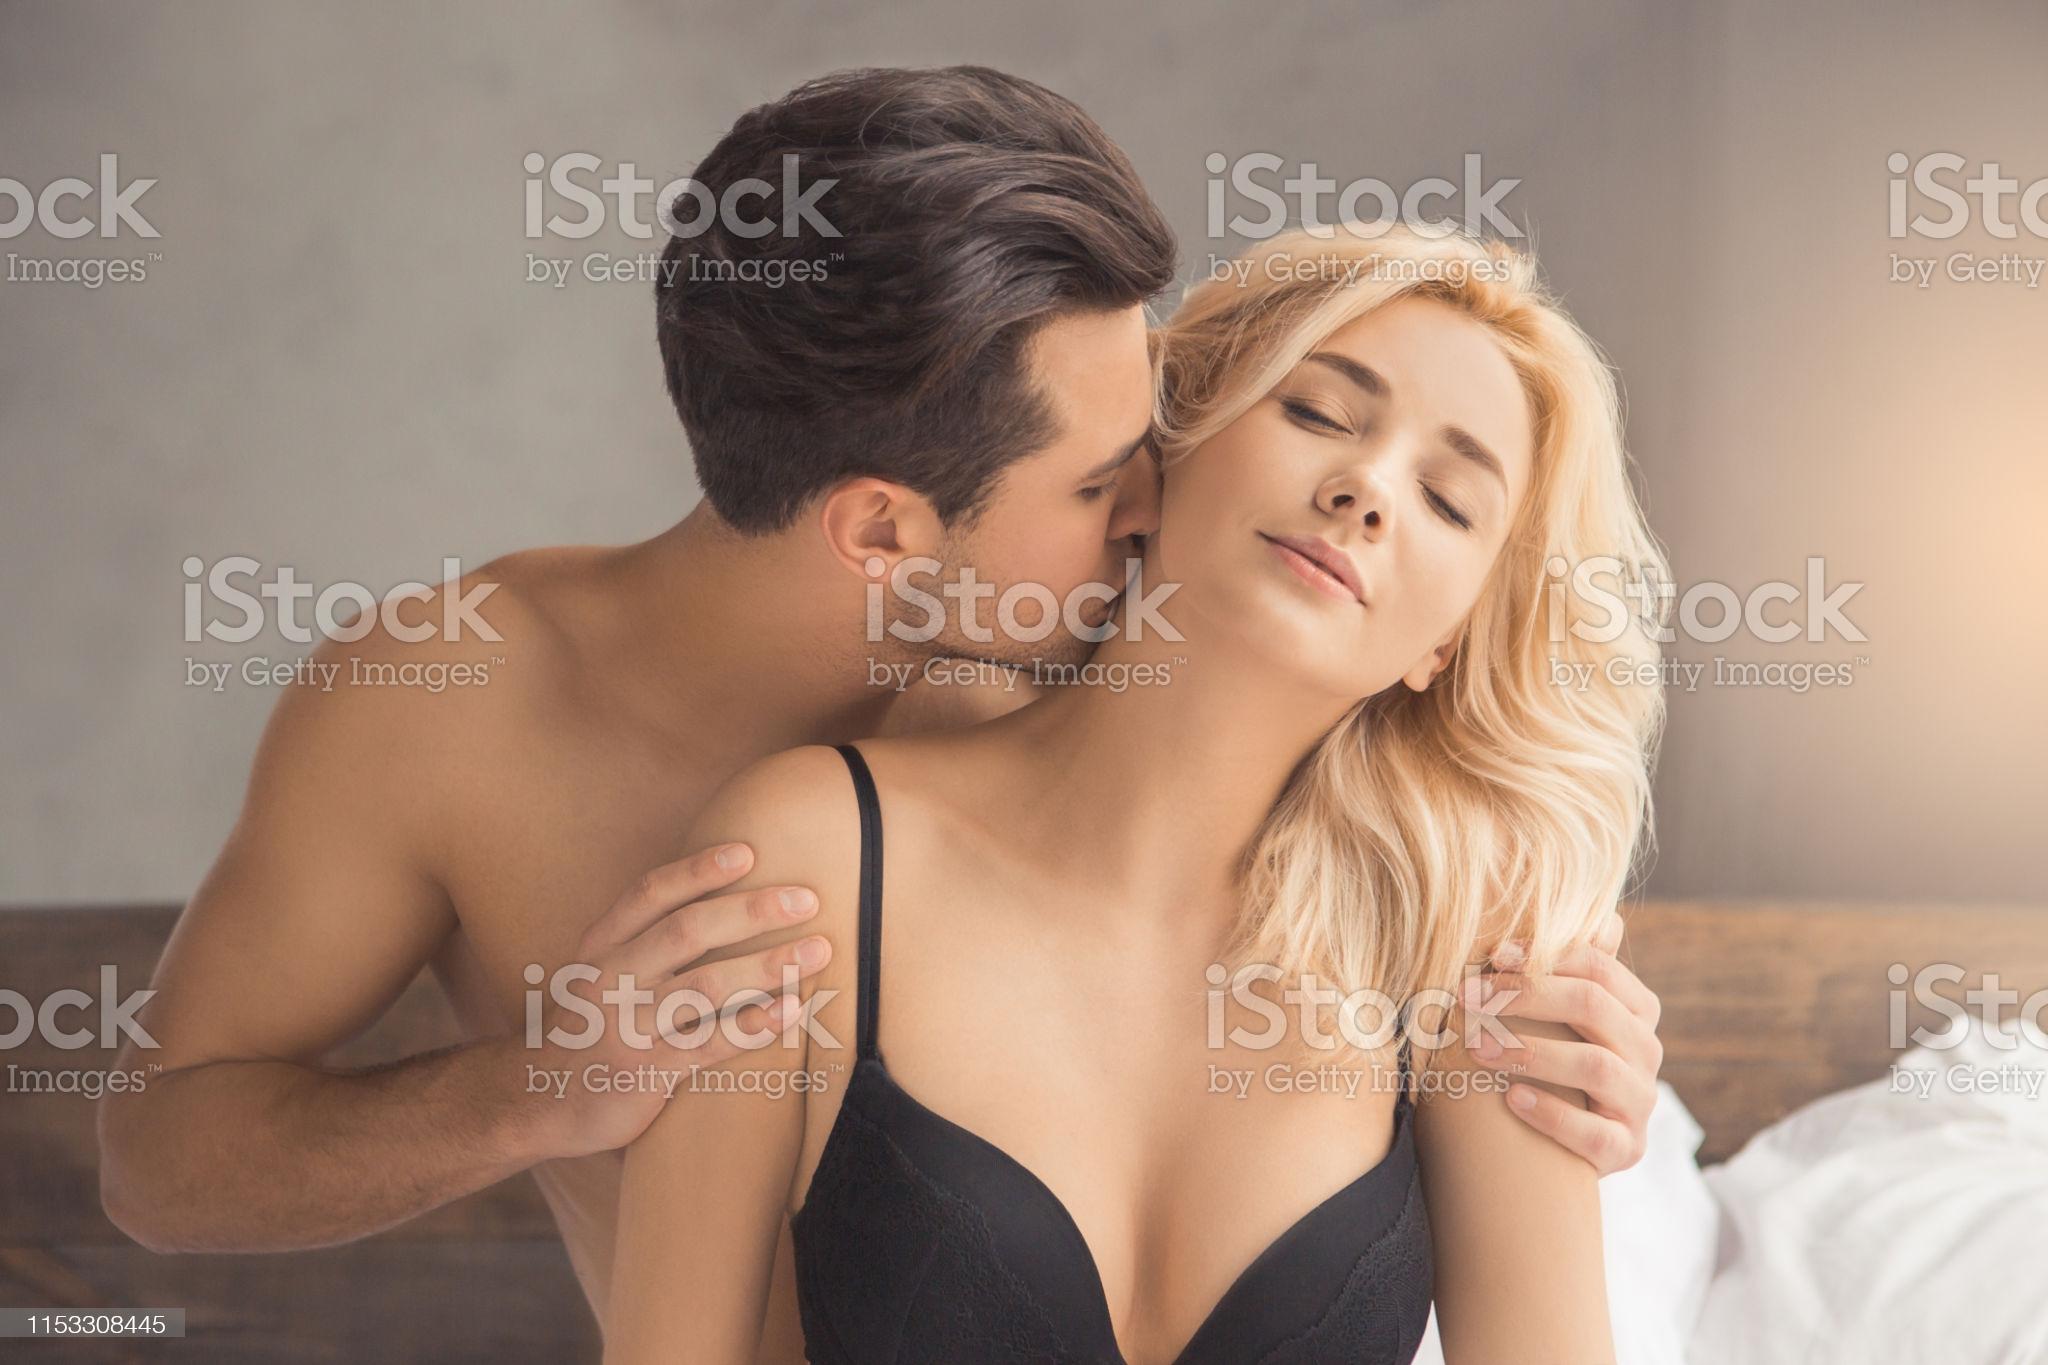 Upevníme váš sexuální život